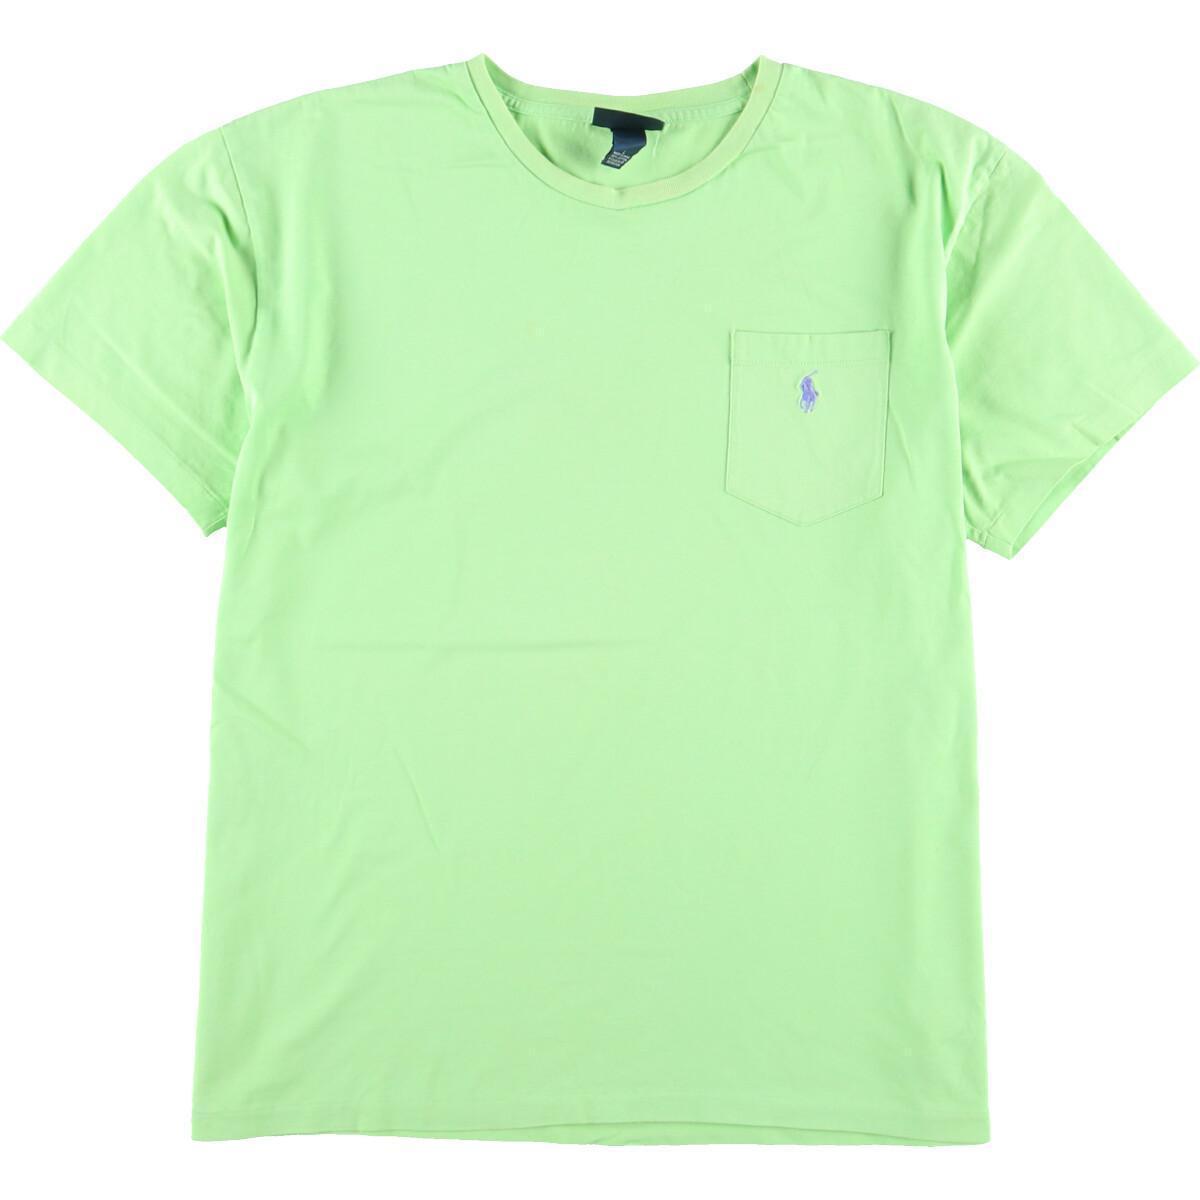 ラルフローレン Ralph Lauren POLO by Ralph Lauren 半袖 ワンポイントロゴポケットTシャツ メンズL /eaa167036_画像1